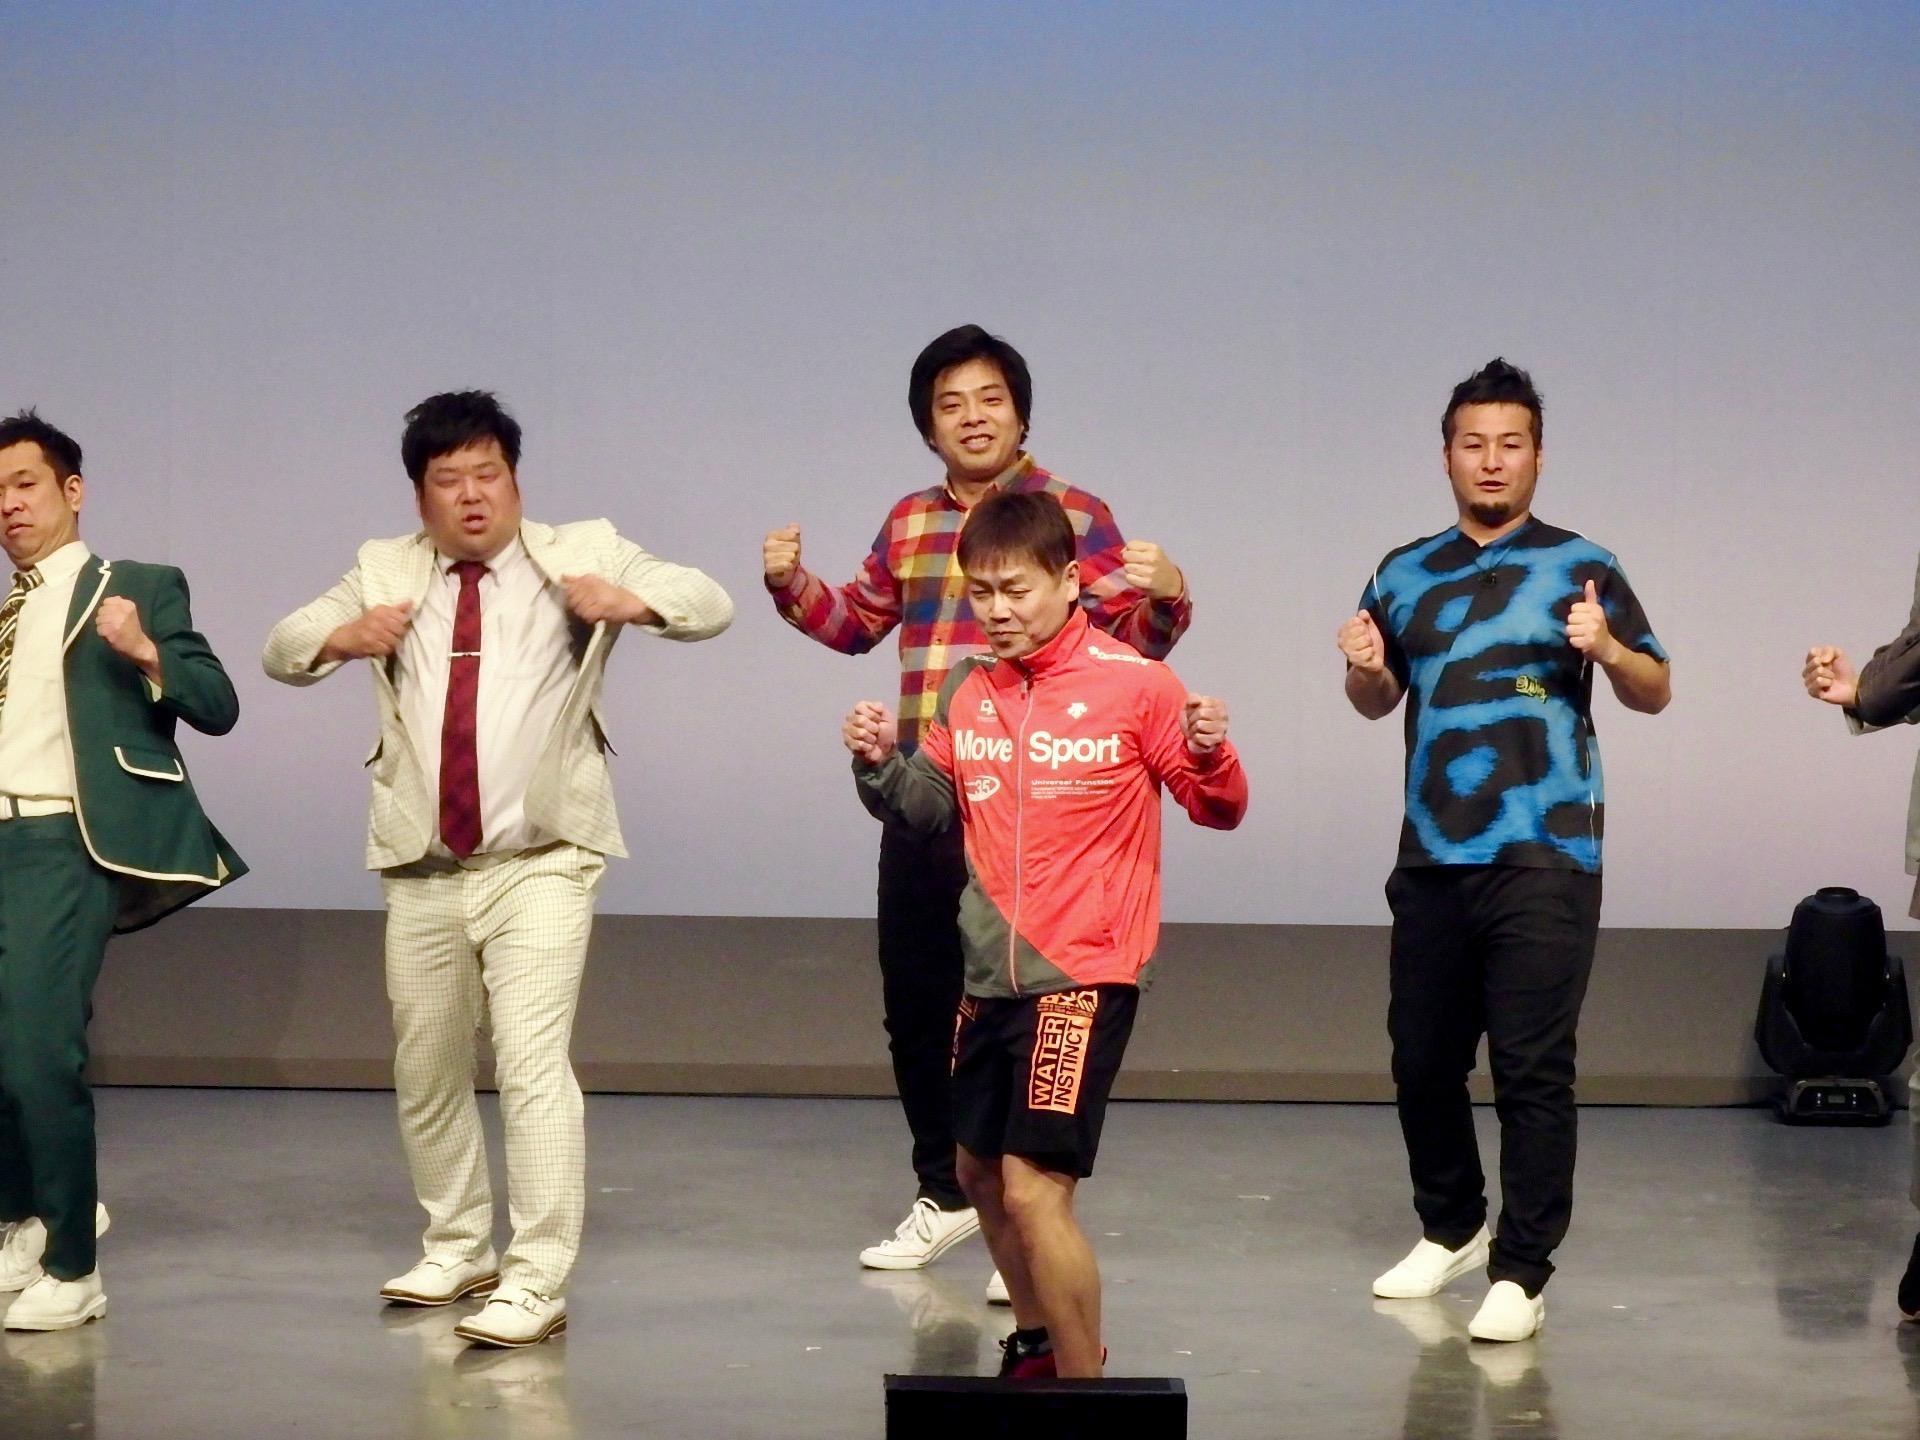 http://news.yoshimoto.co.jp/20180210000707-8b73d59ed47b4bae678a3796ec5177b0a32d83b2.jpg